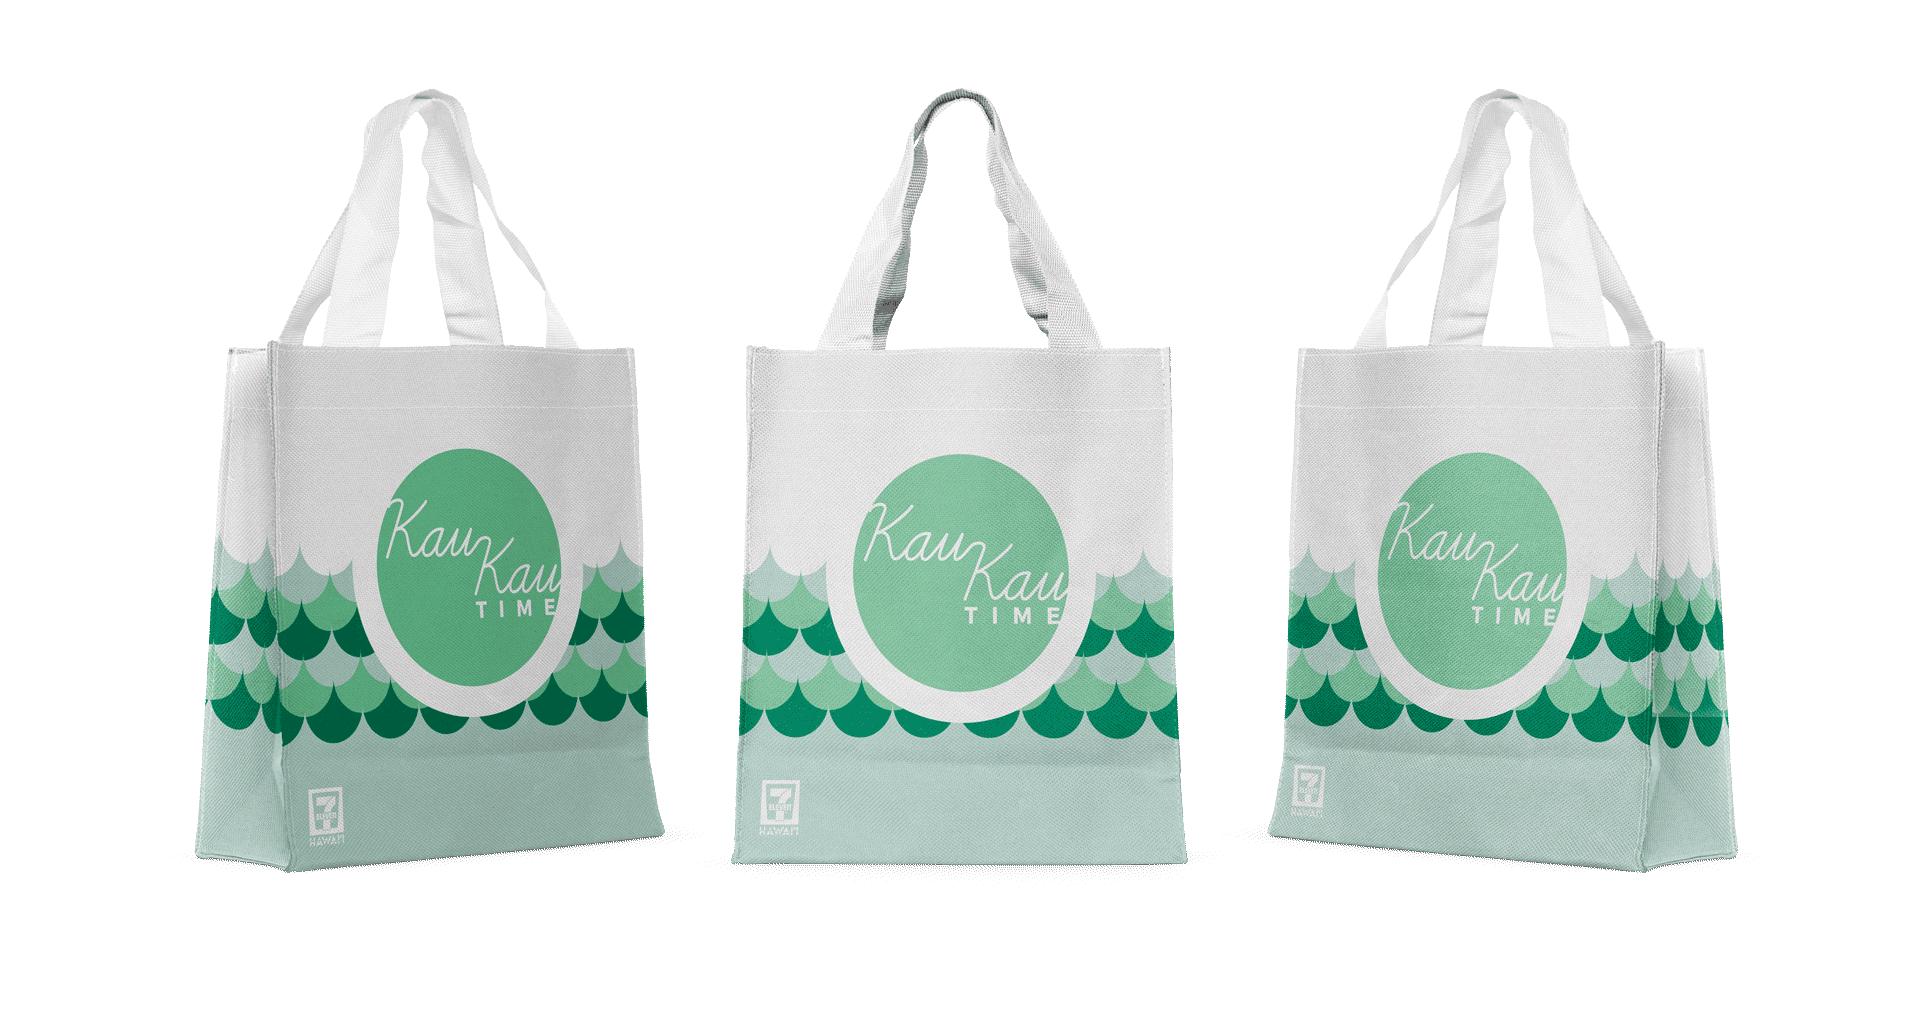 7-Eleven-Bag-Design5.png